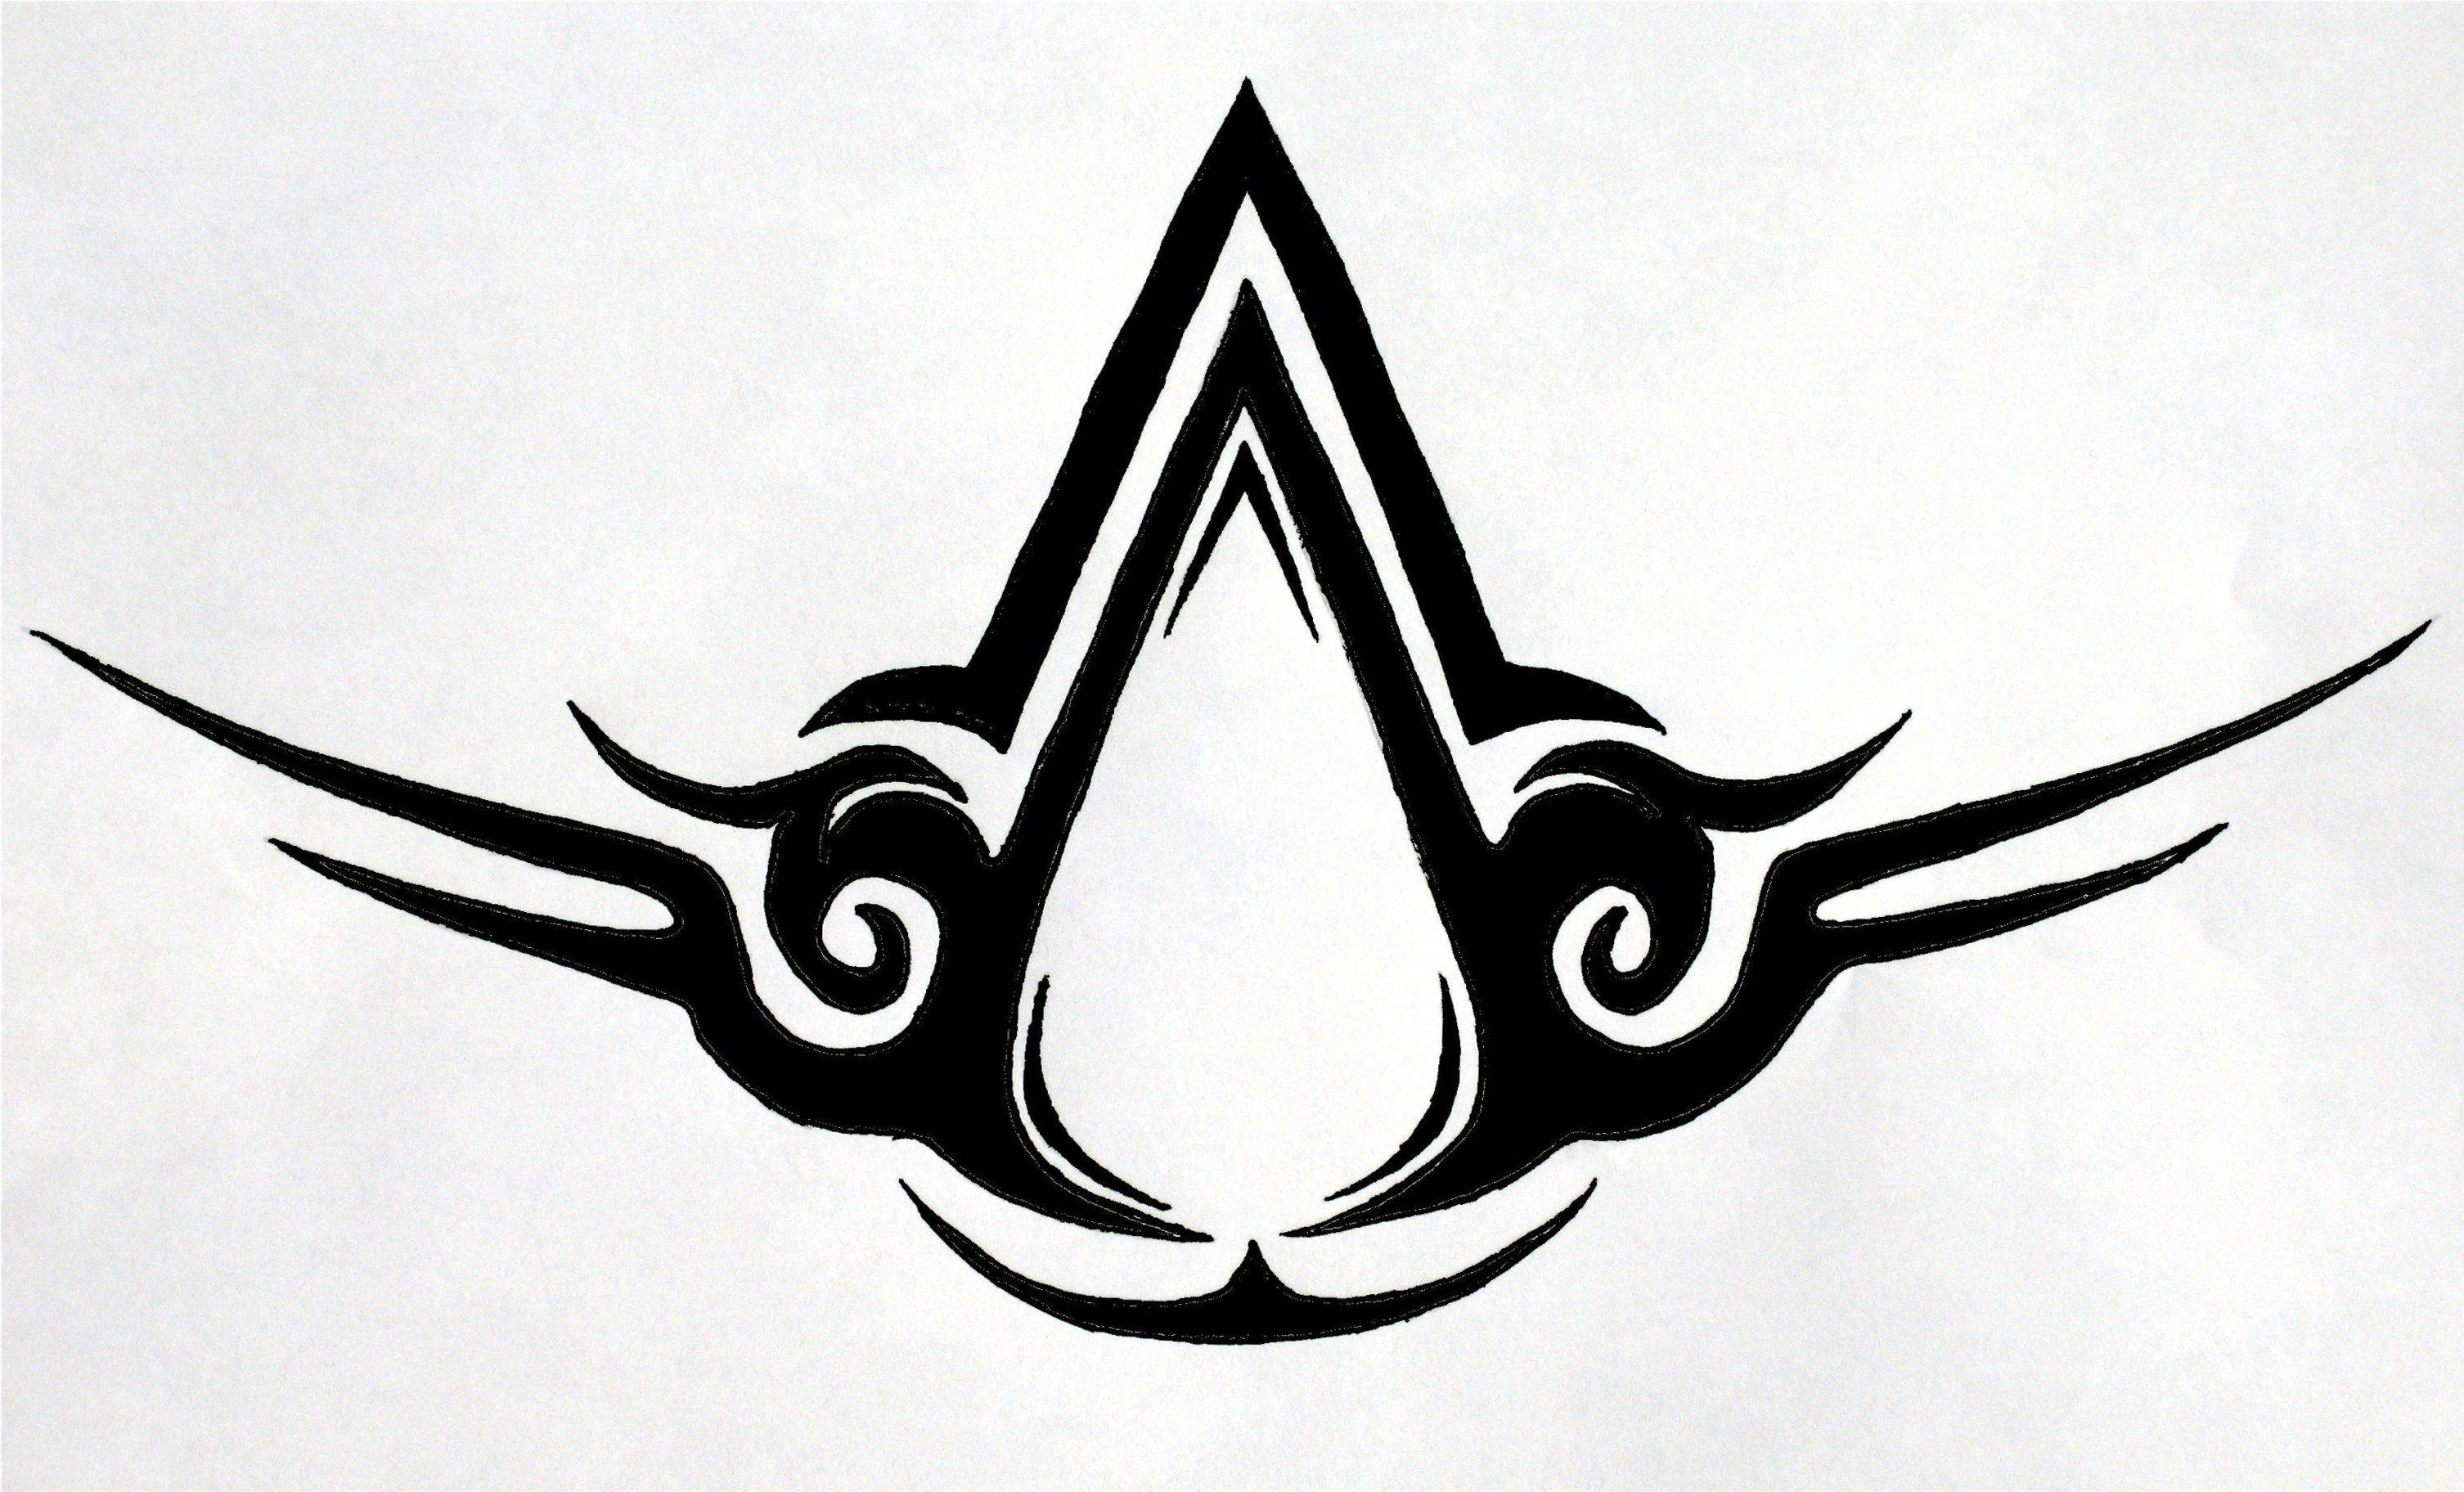 [OTopic] Mi Futuro Tattoo Assassins creed, Assassins